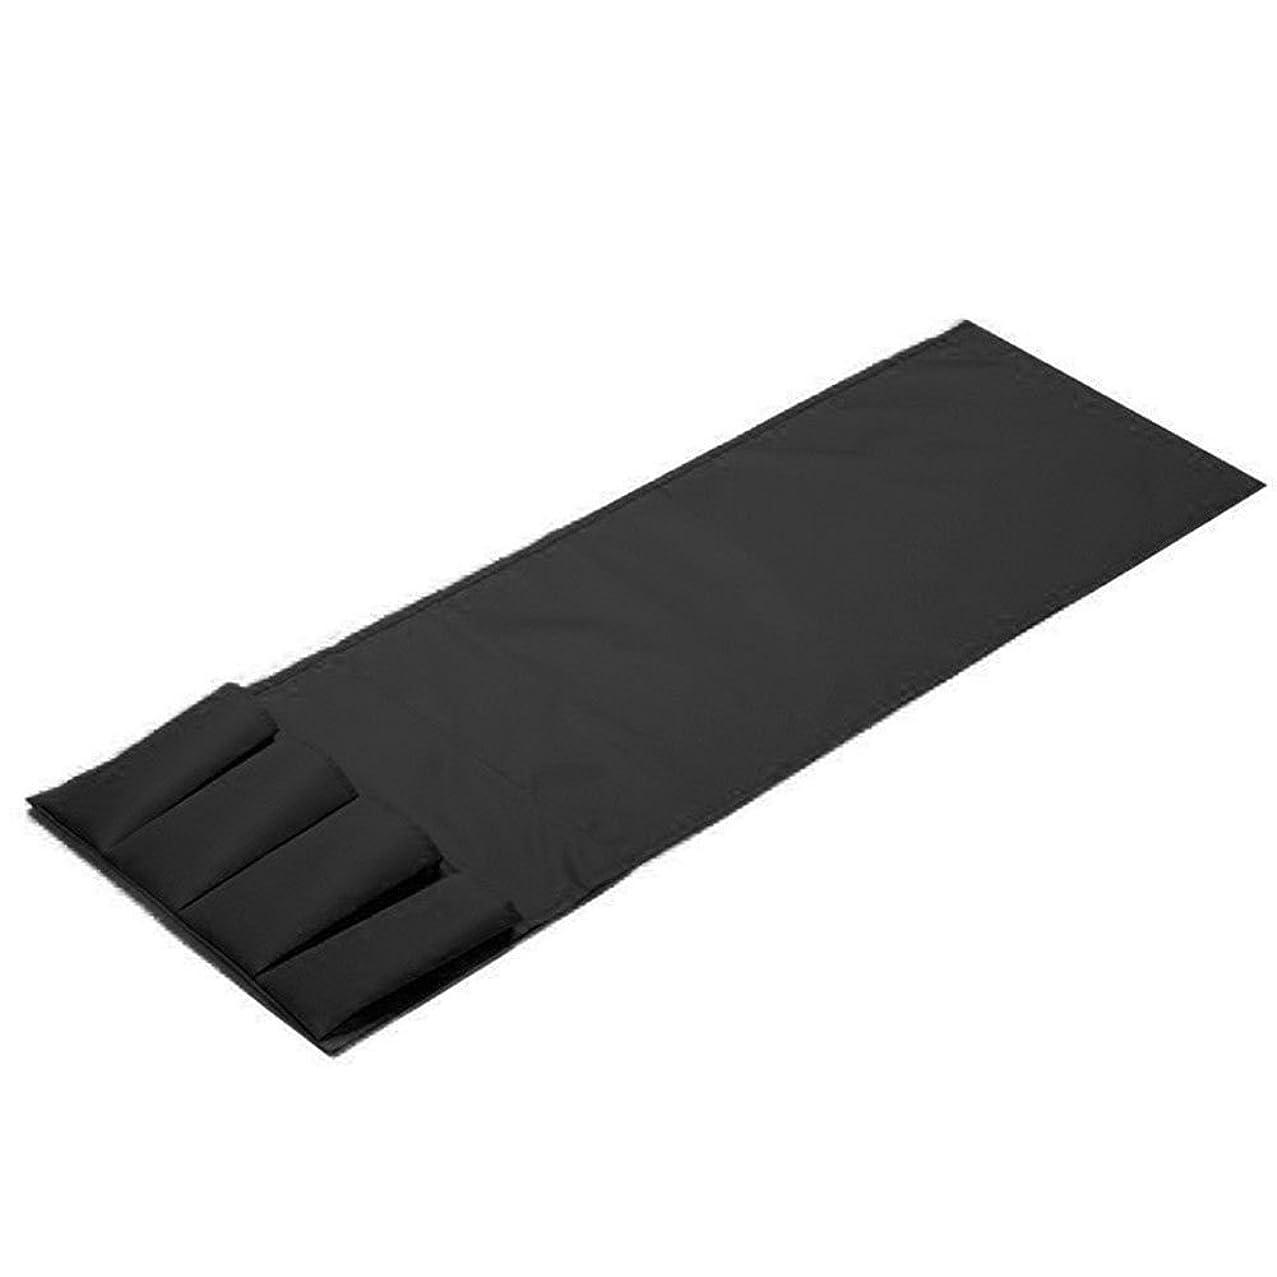 広くラベル正しいNeRoc 物入れ ソファ ソファー掛け袋 収納ポケット 雑貨整理 便利 多機能 スマート サイドポケット